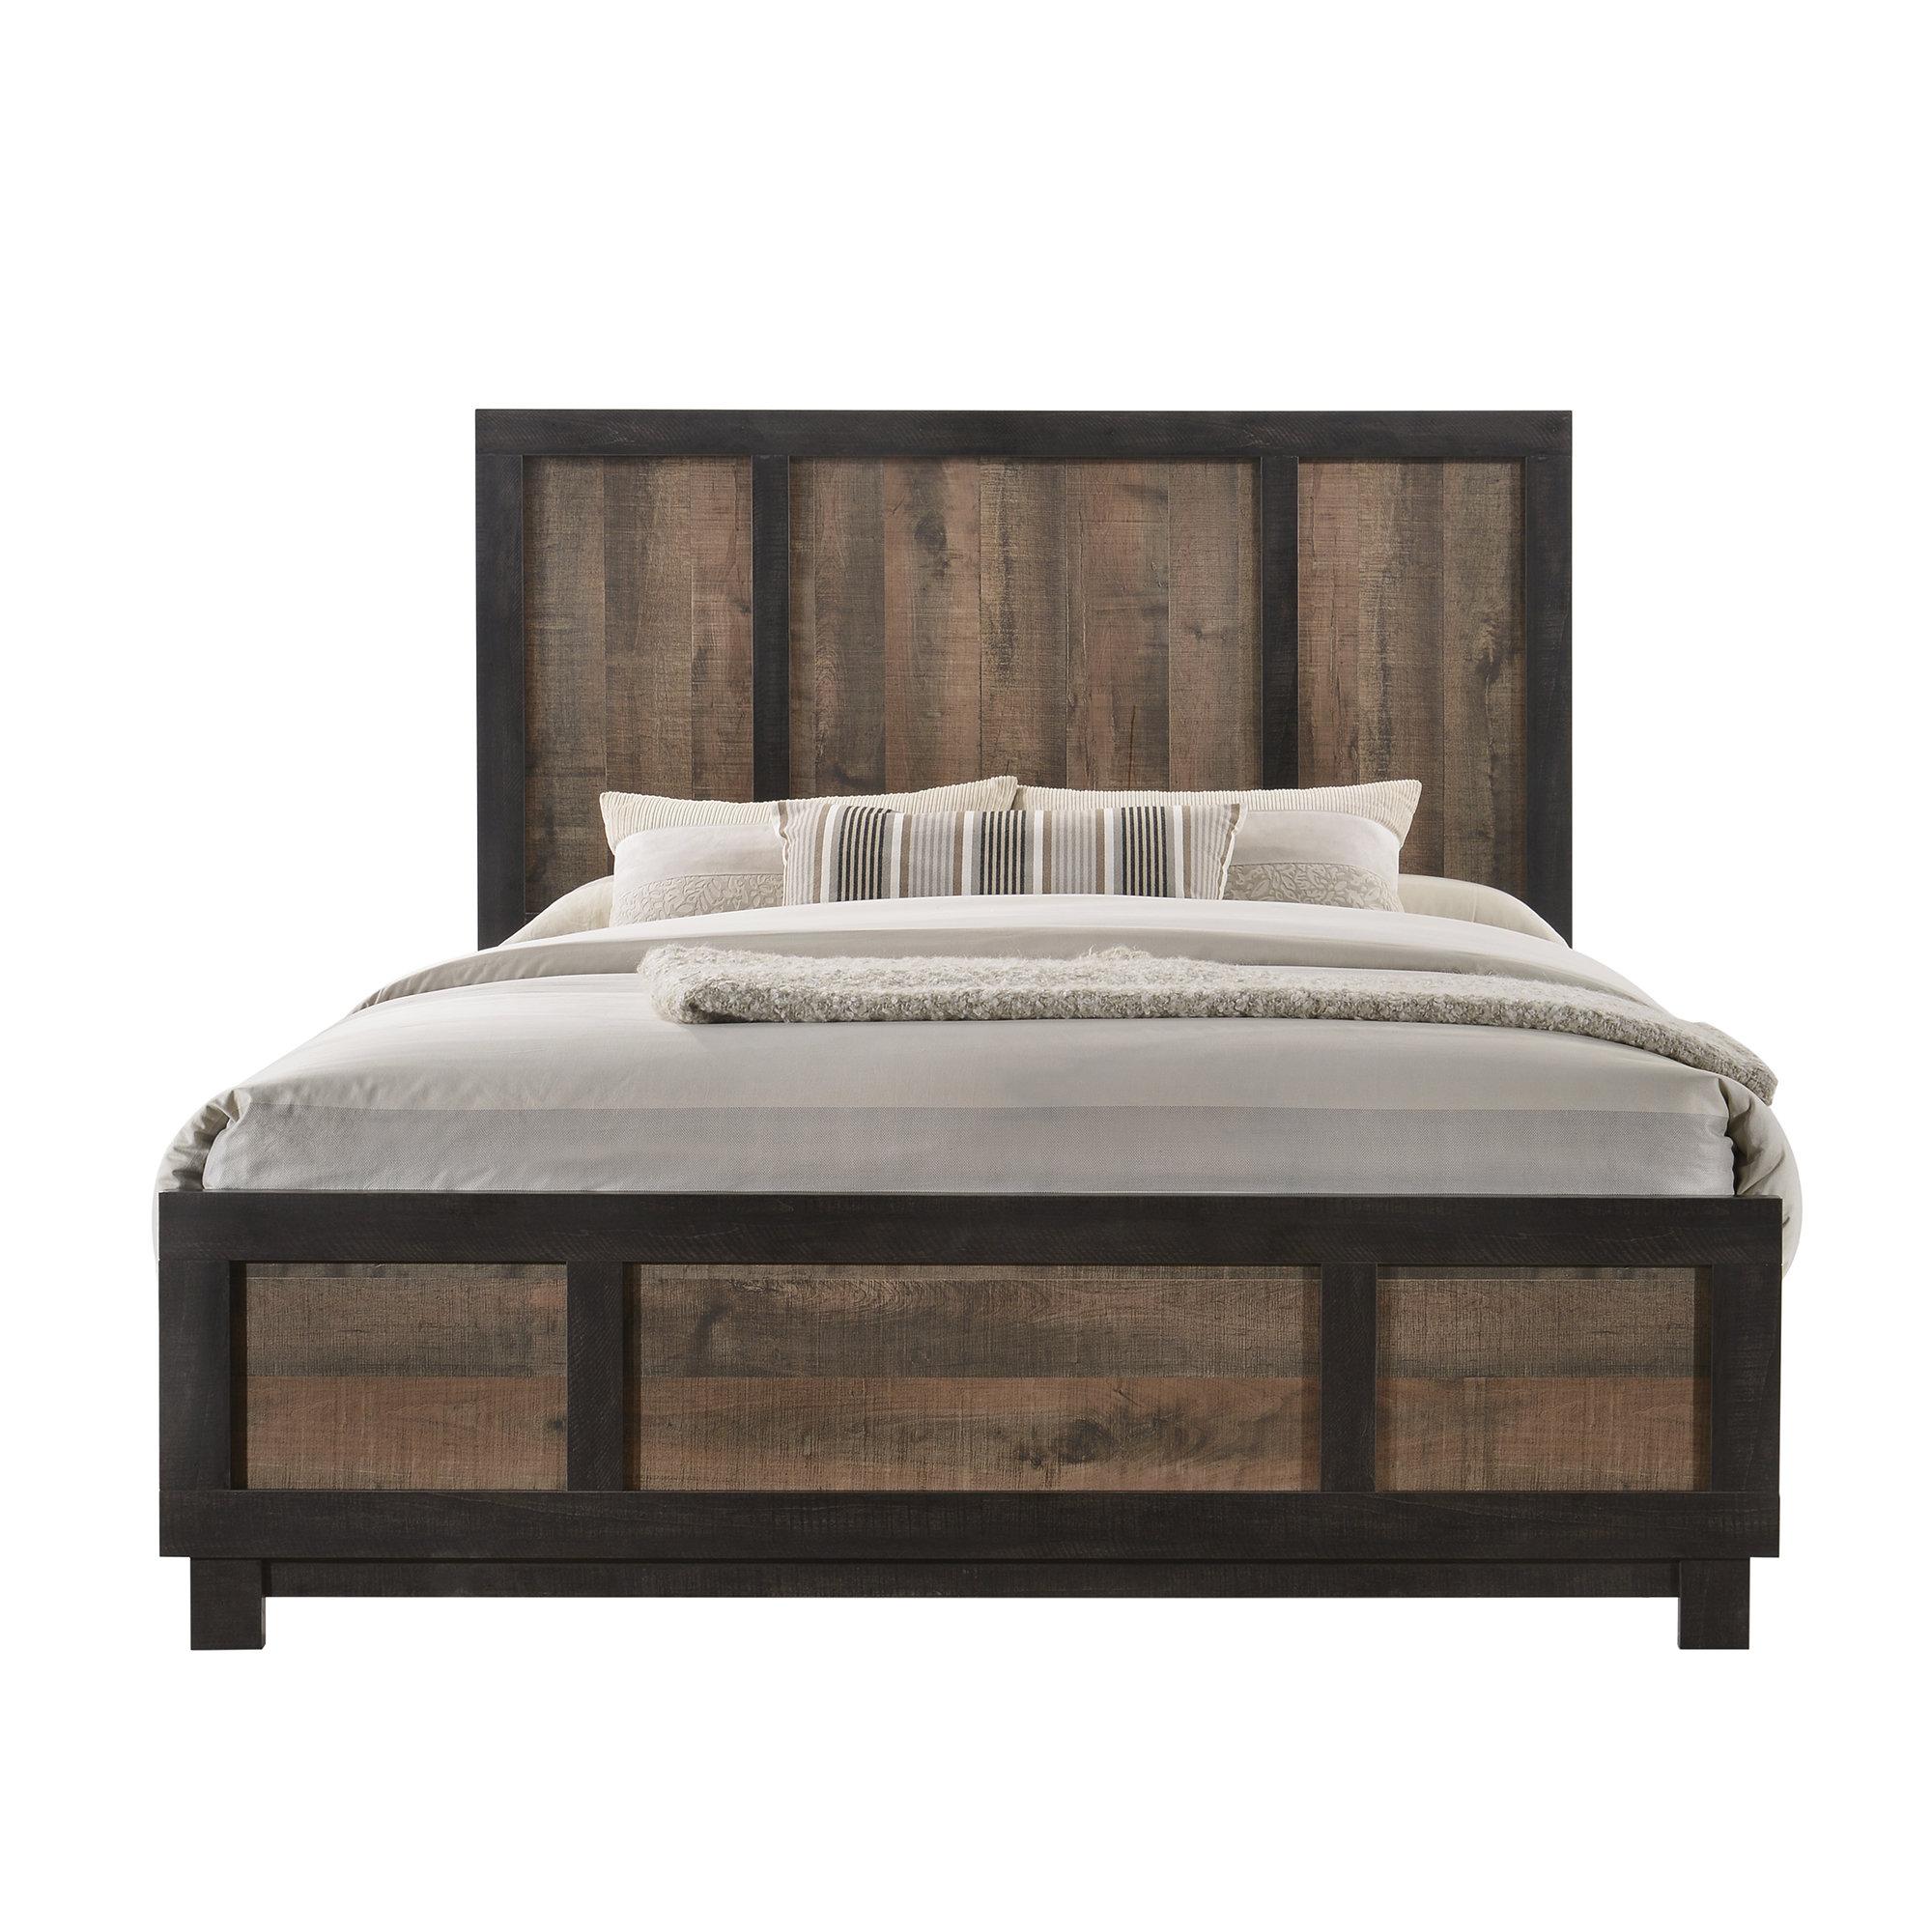 Gracie Oaks Llewellyn Standard Bed Reviews Wayfair